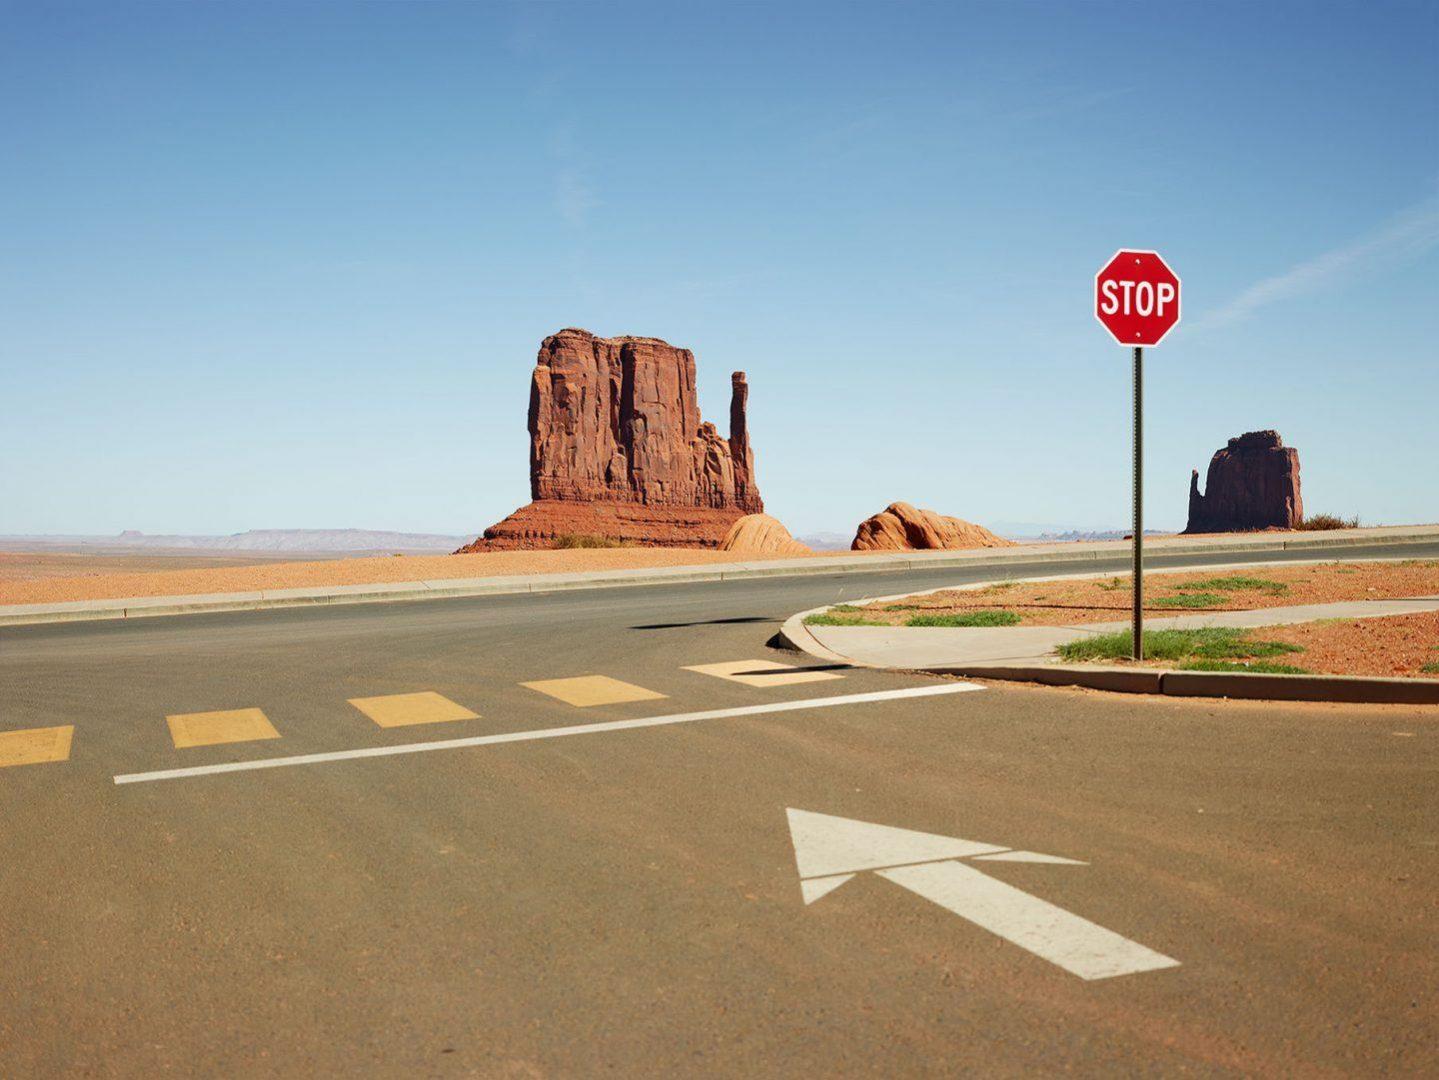 Josef Hoflehner immortala il vuoto nella serie fotografica Roadside America